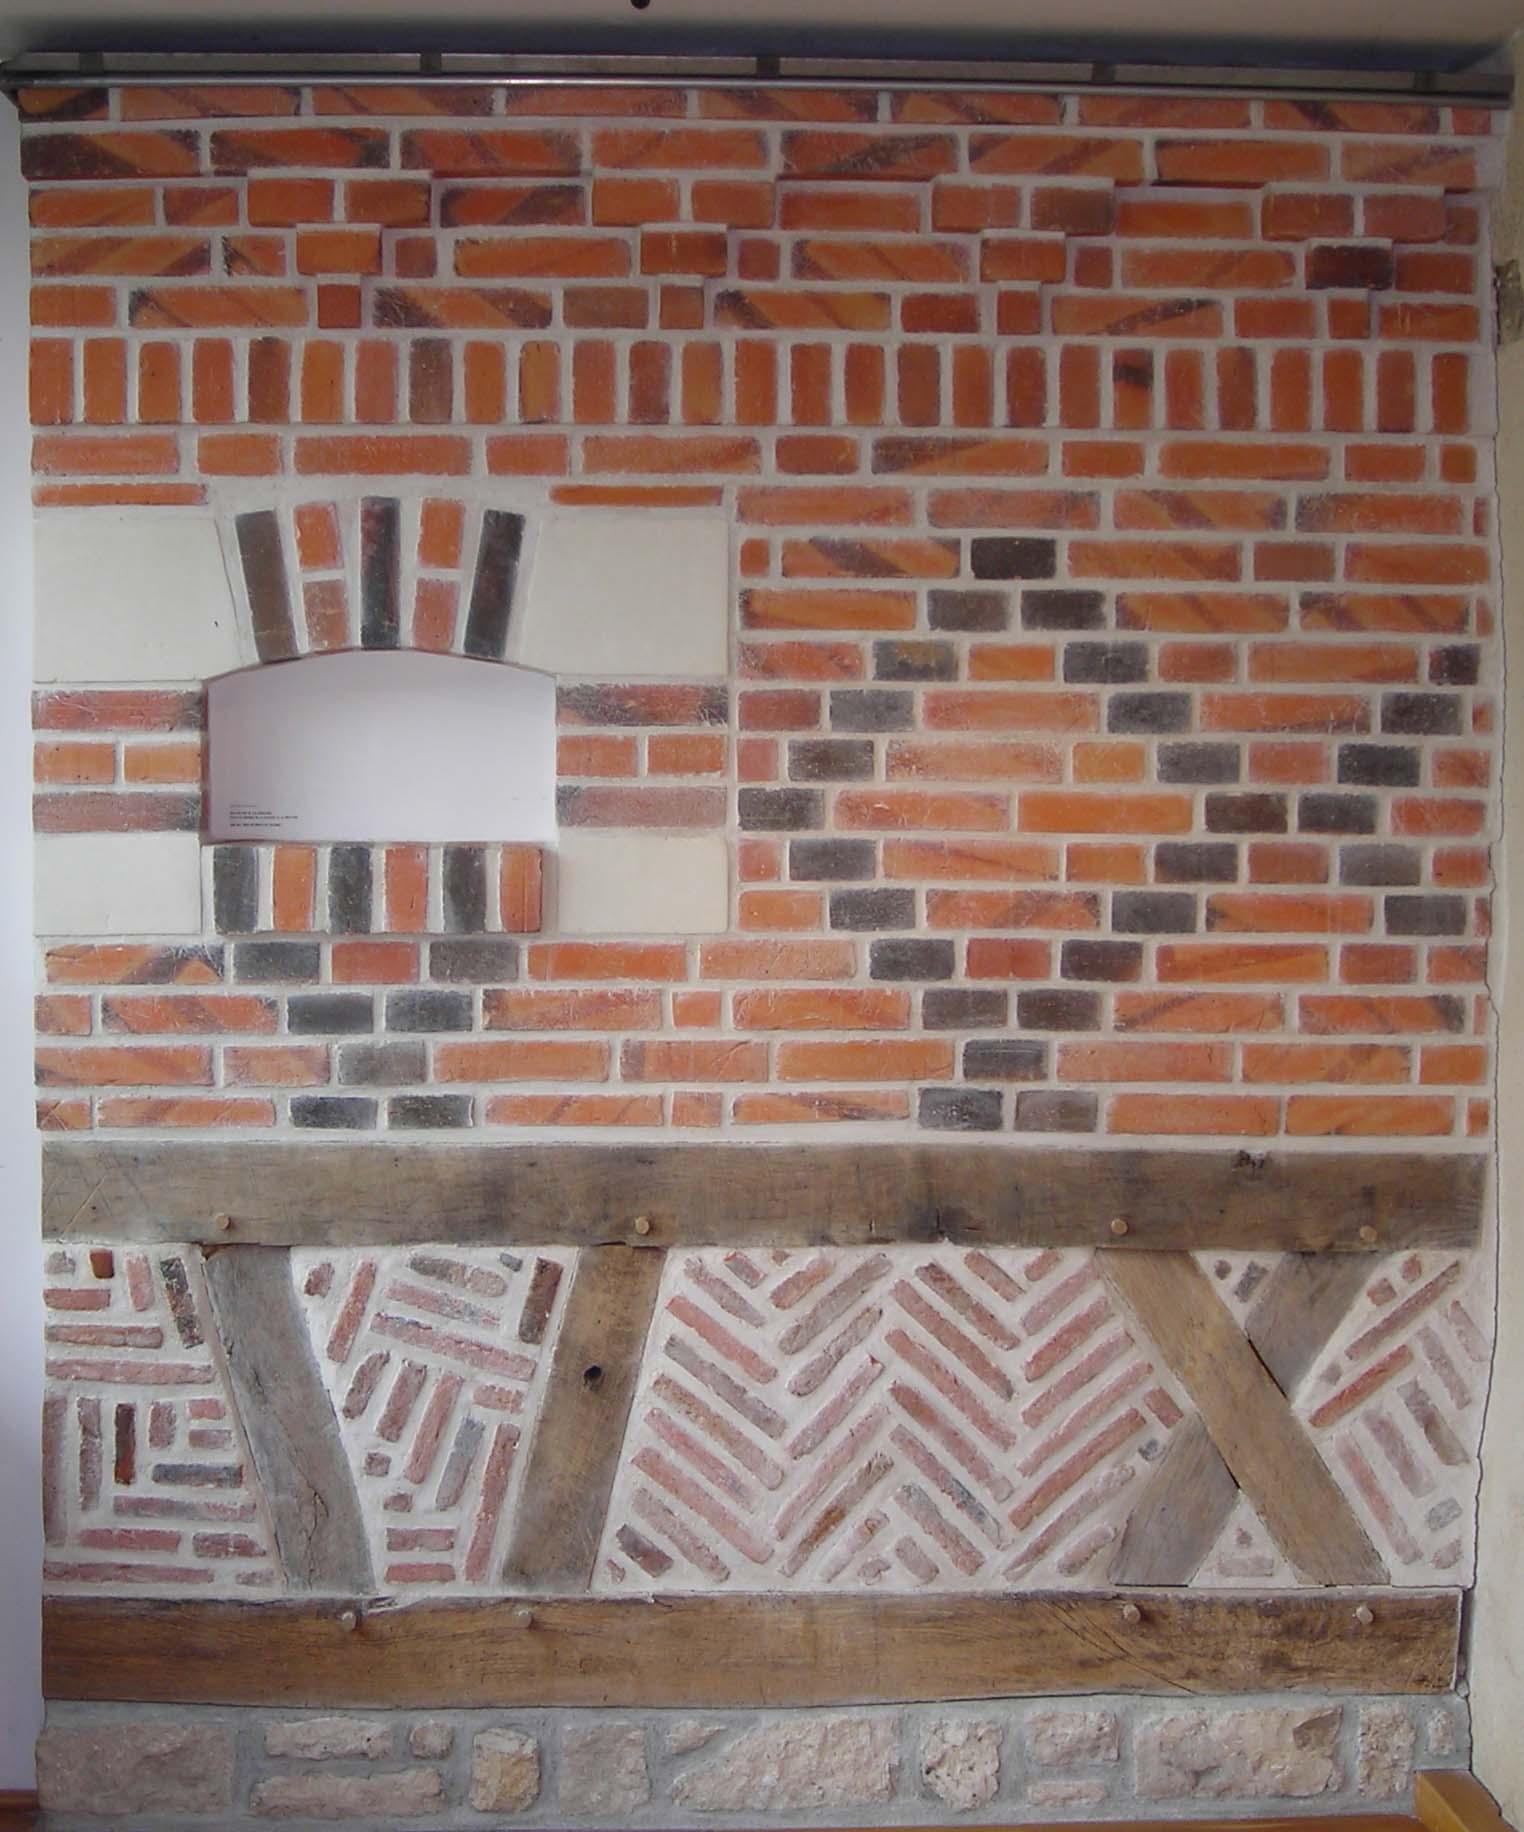 Exemples d'appareillages de briques